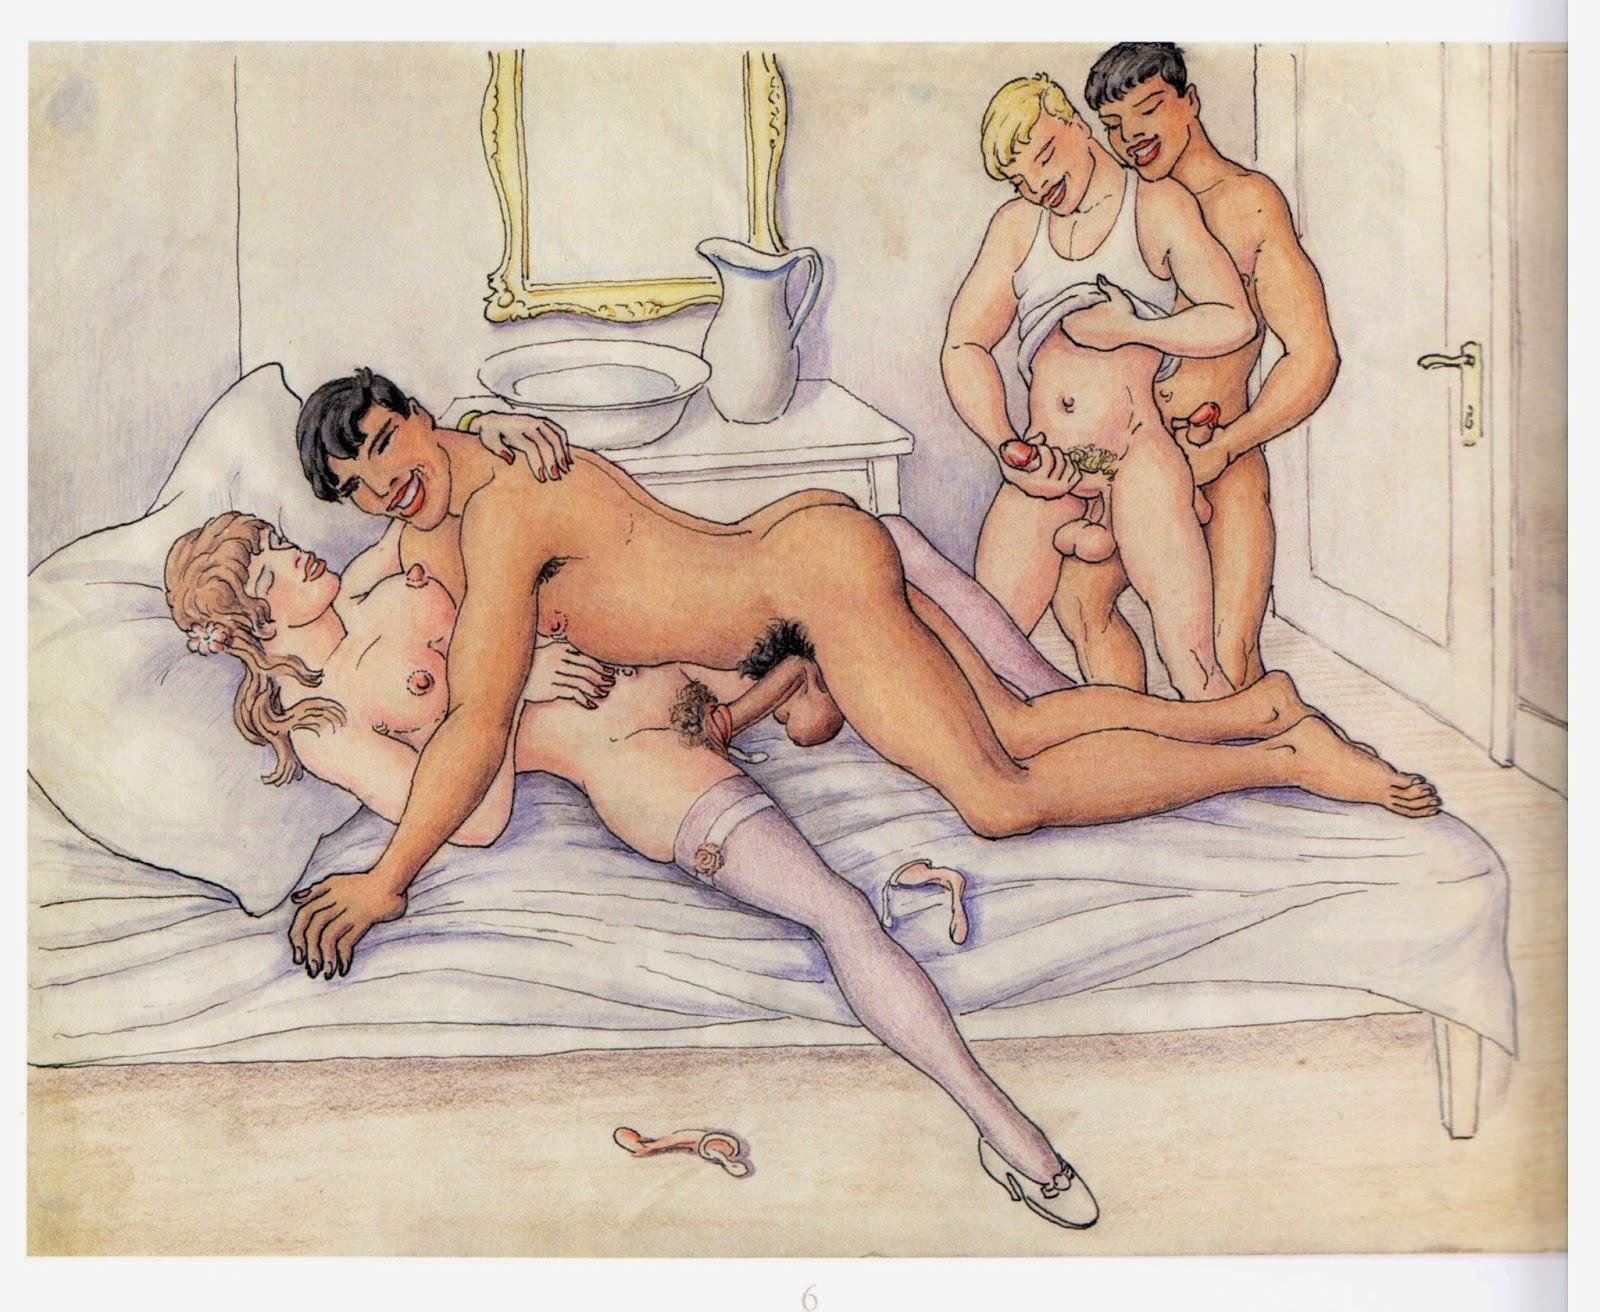 porno-retro-risovannie-kartinki-smotret-onlayn-morde-devku